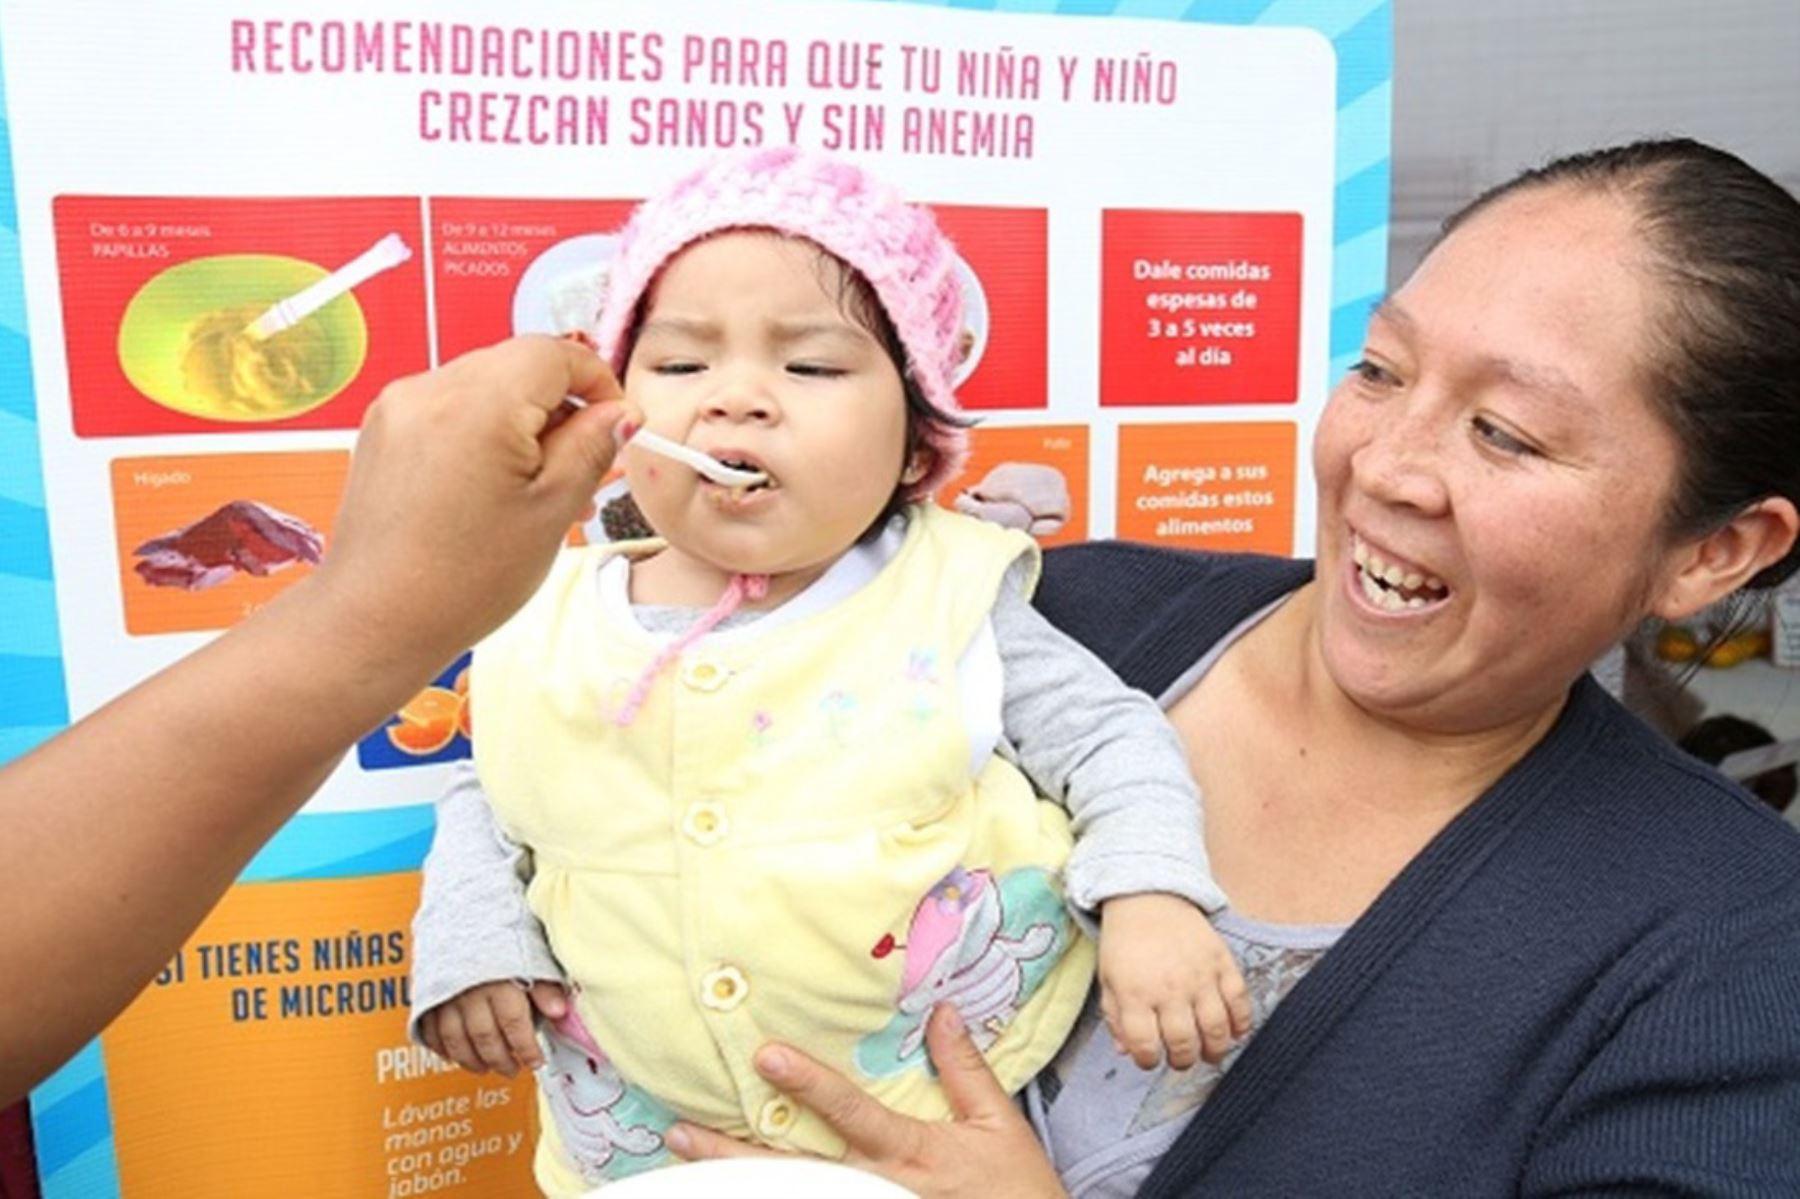 El Observatorio de Anemia implementado por el Ministerio de Desarrollo e Inclusión Social (Midis) es una plataforma web que se encarga del seguimiento de los resultados inmediatos e intermedios de las estrategias implementadas por el Gobierno central para prevenir y tratar esta enfermedad. ANDINA/Difusión